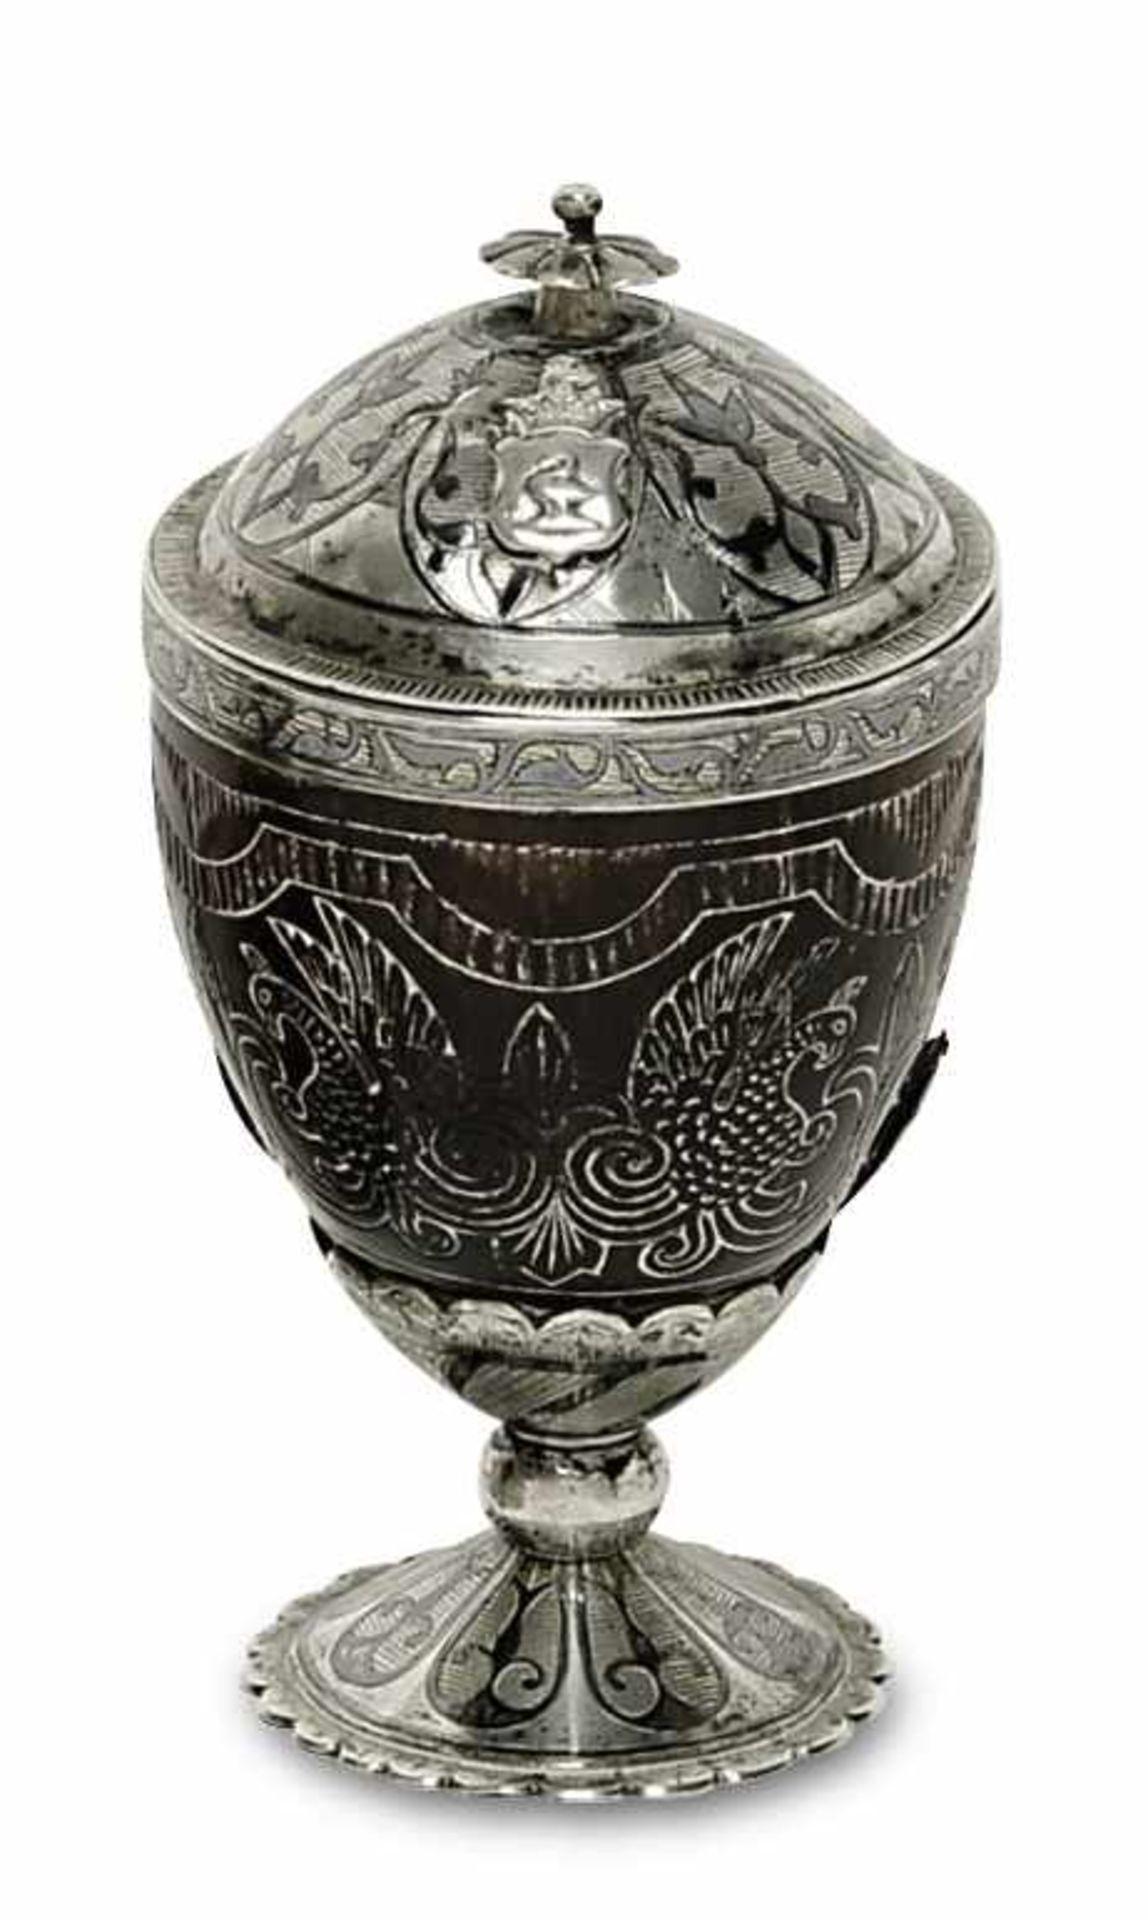 Los 10 - Kokosnuss-Deckelbecher19. Jh. Deckel, Montierung und Fuß aus Silber mit floralem Niellodekor.